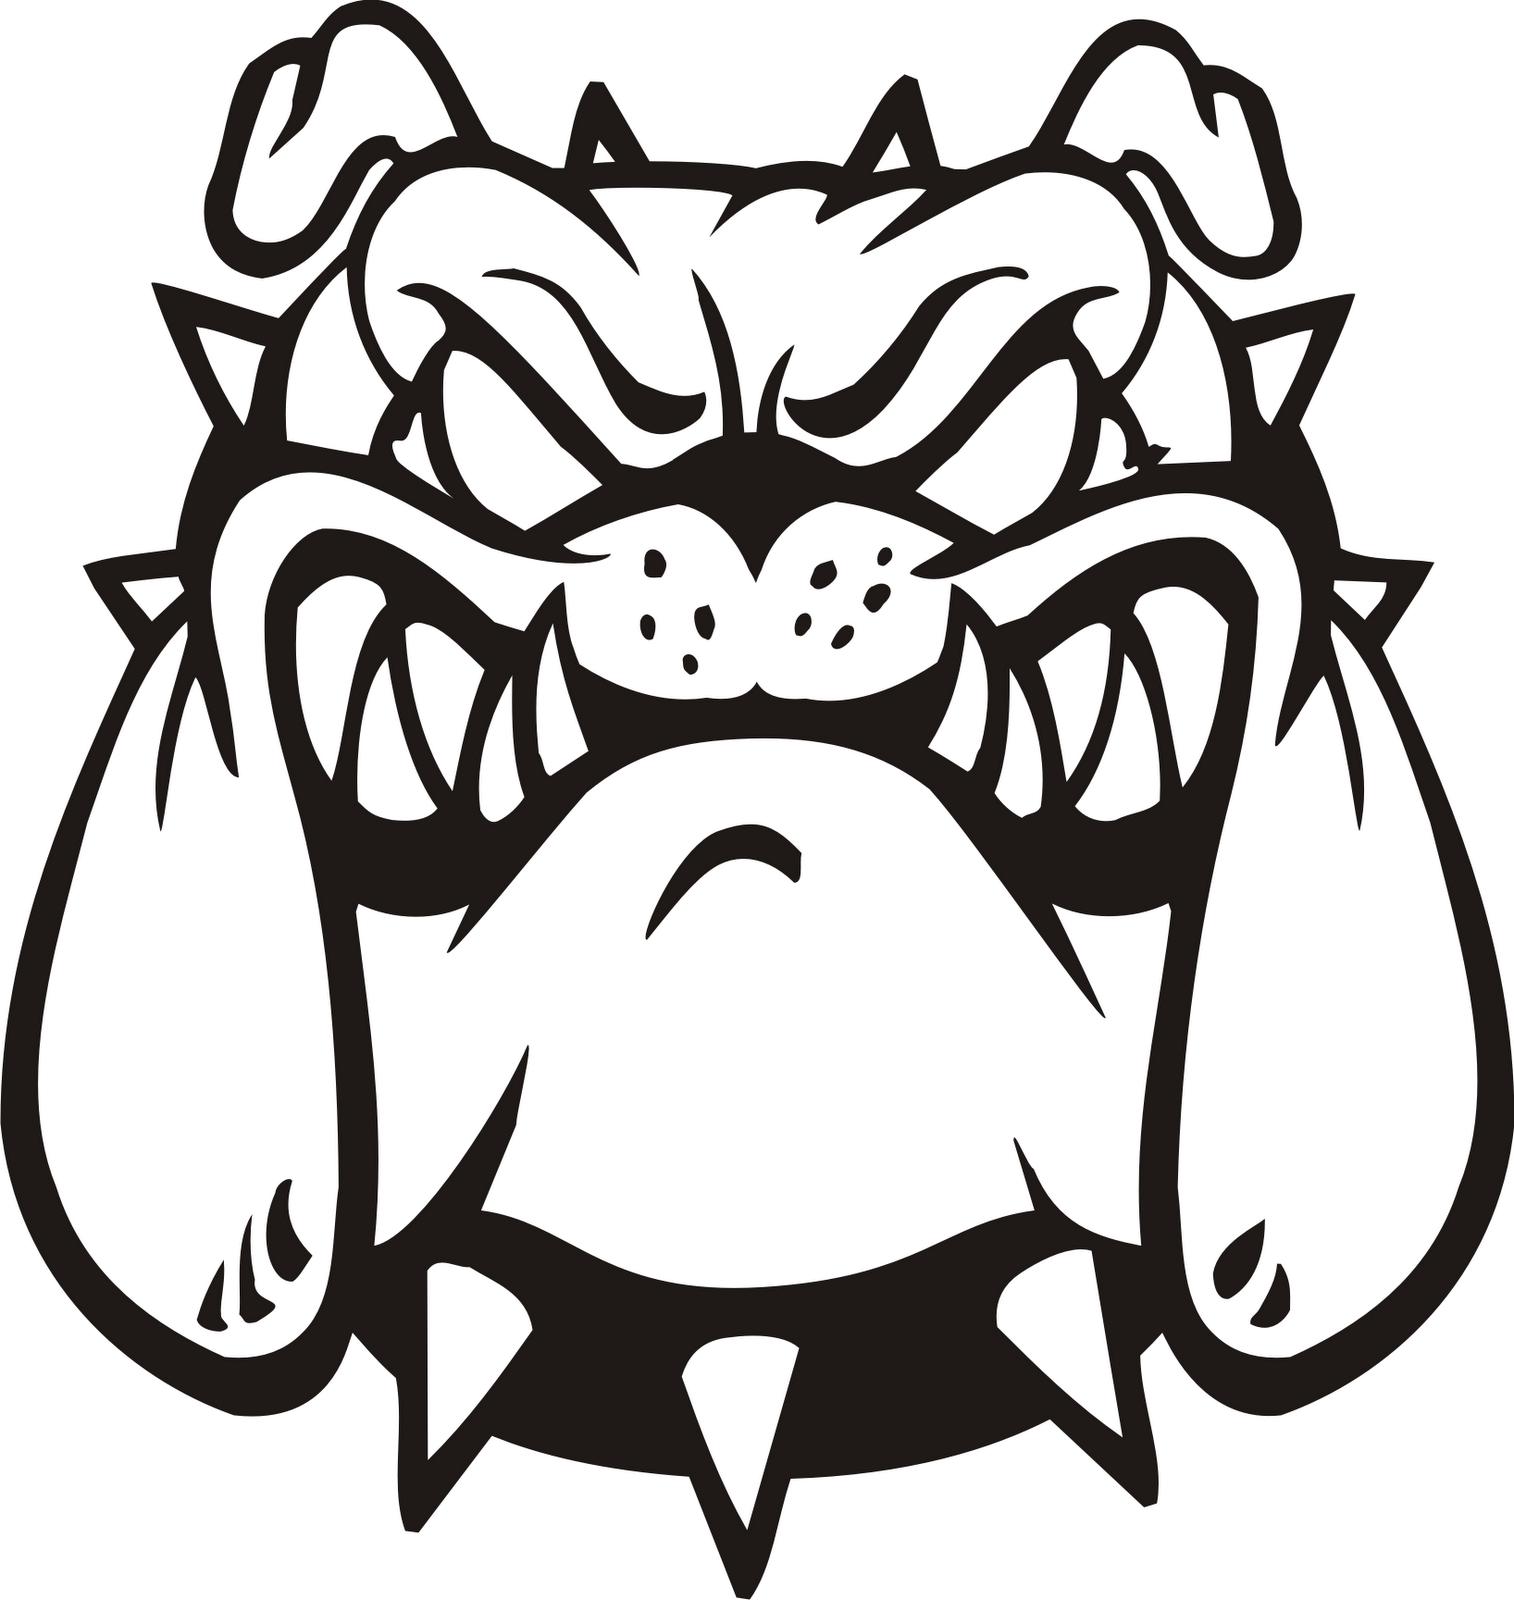 Bulldog bull dog clip art clipart image -Bulldog bull dog clip art clipart image 6-6